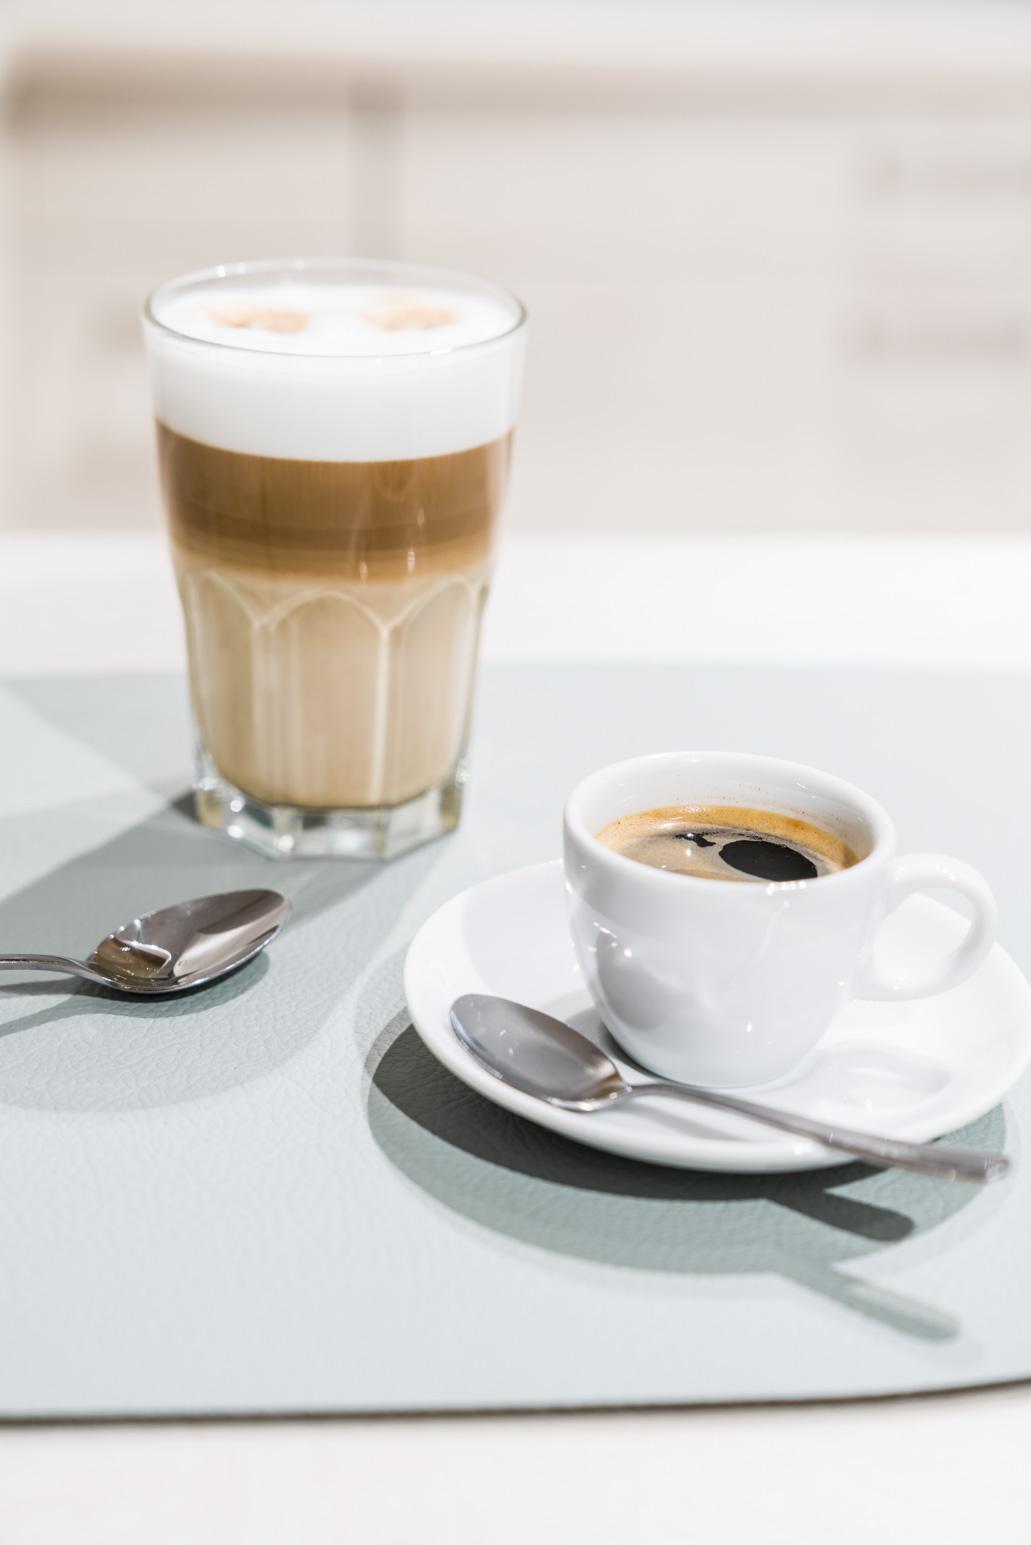 Weisser Küchenstudio Showroom Latte Macchiato & Espresso